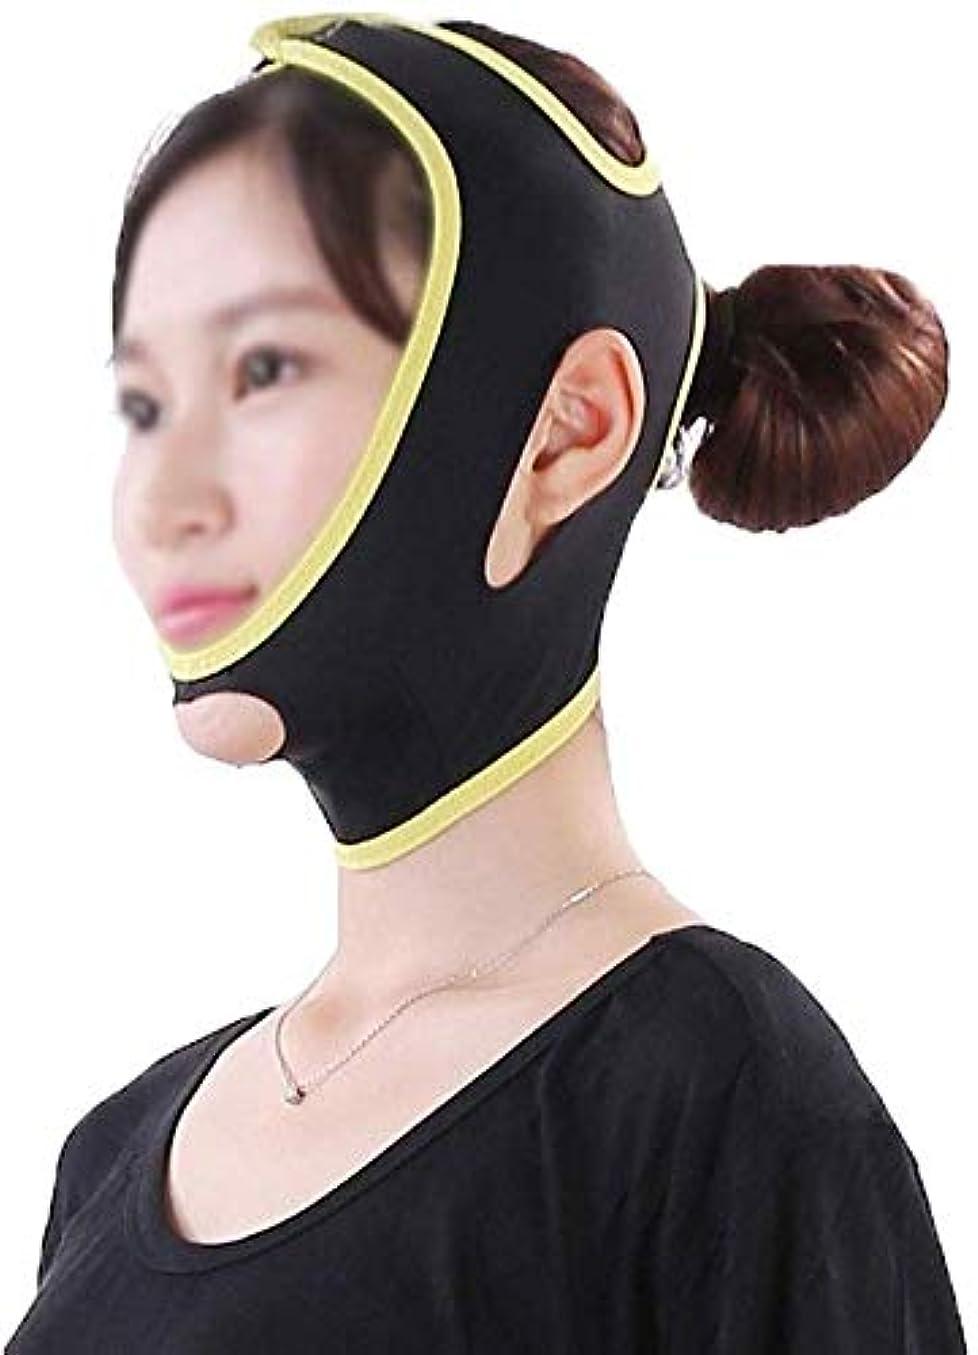 狂気アドバンテージアルバム美容と実用的なフェイスアンドネックリフト、フェイスリフトマスク強力なフェイスマスクフェイスリフトアーティファクトフェイスリフティングフェイスリフティングツールフェイスリフティング包帯薄いフェイスマスク美容マスク